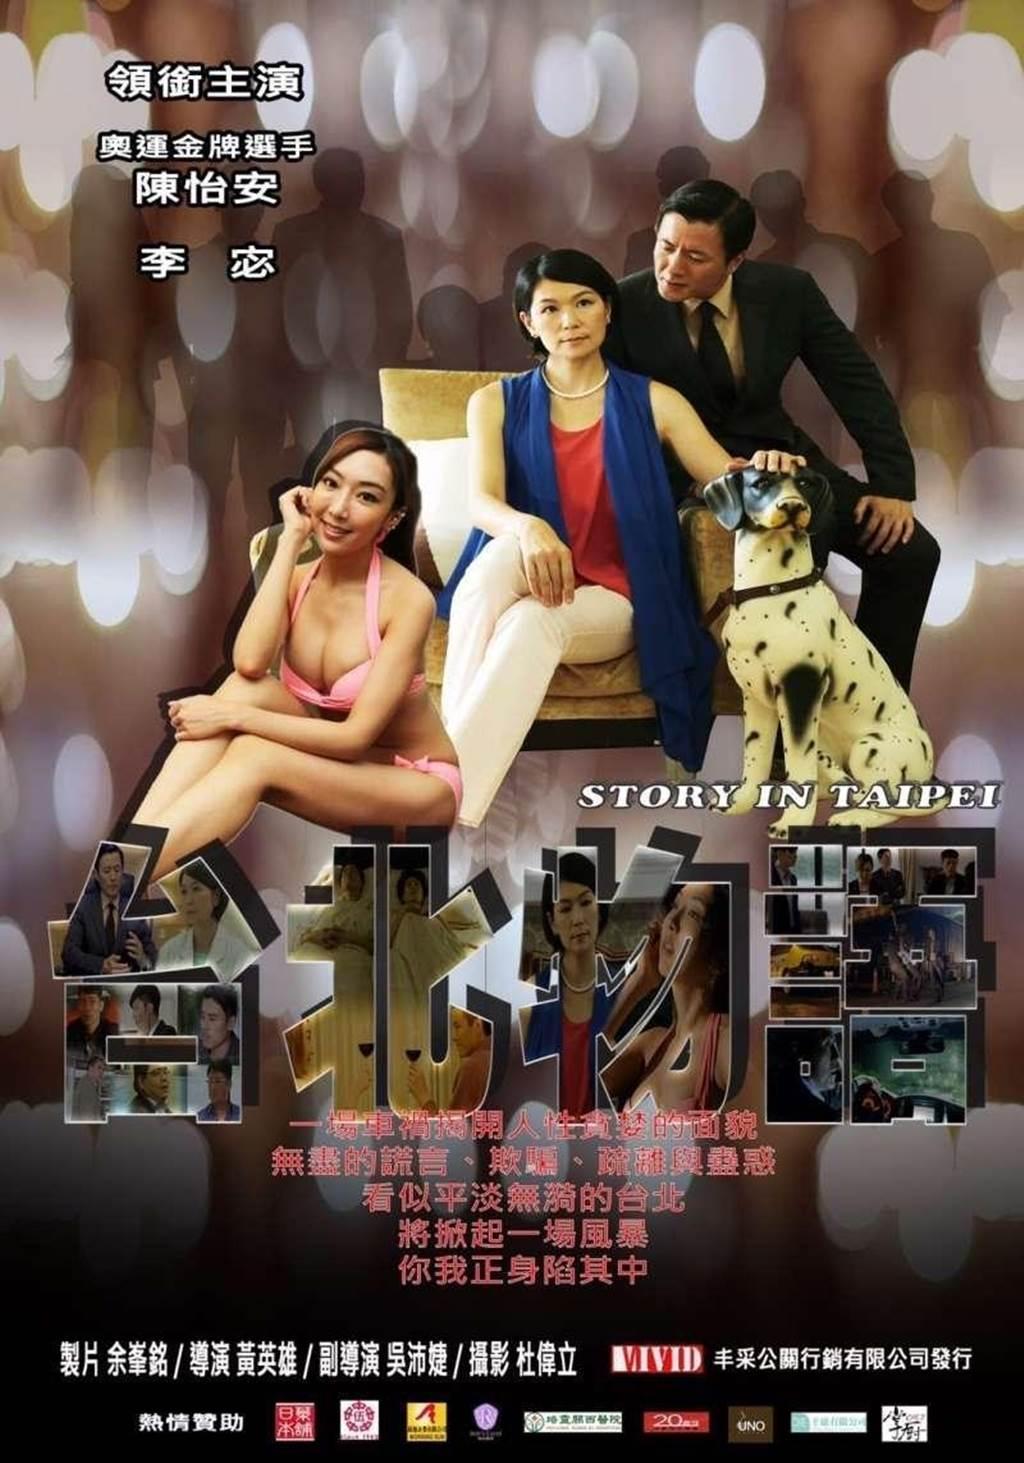 陳怡安曾演出《台北物語》。(圖/資料照片)